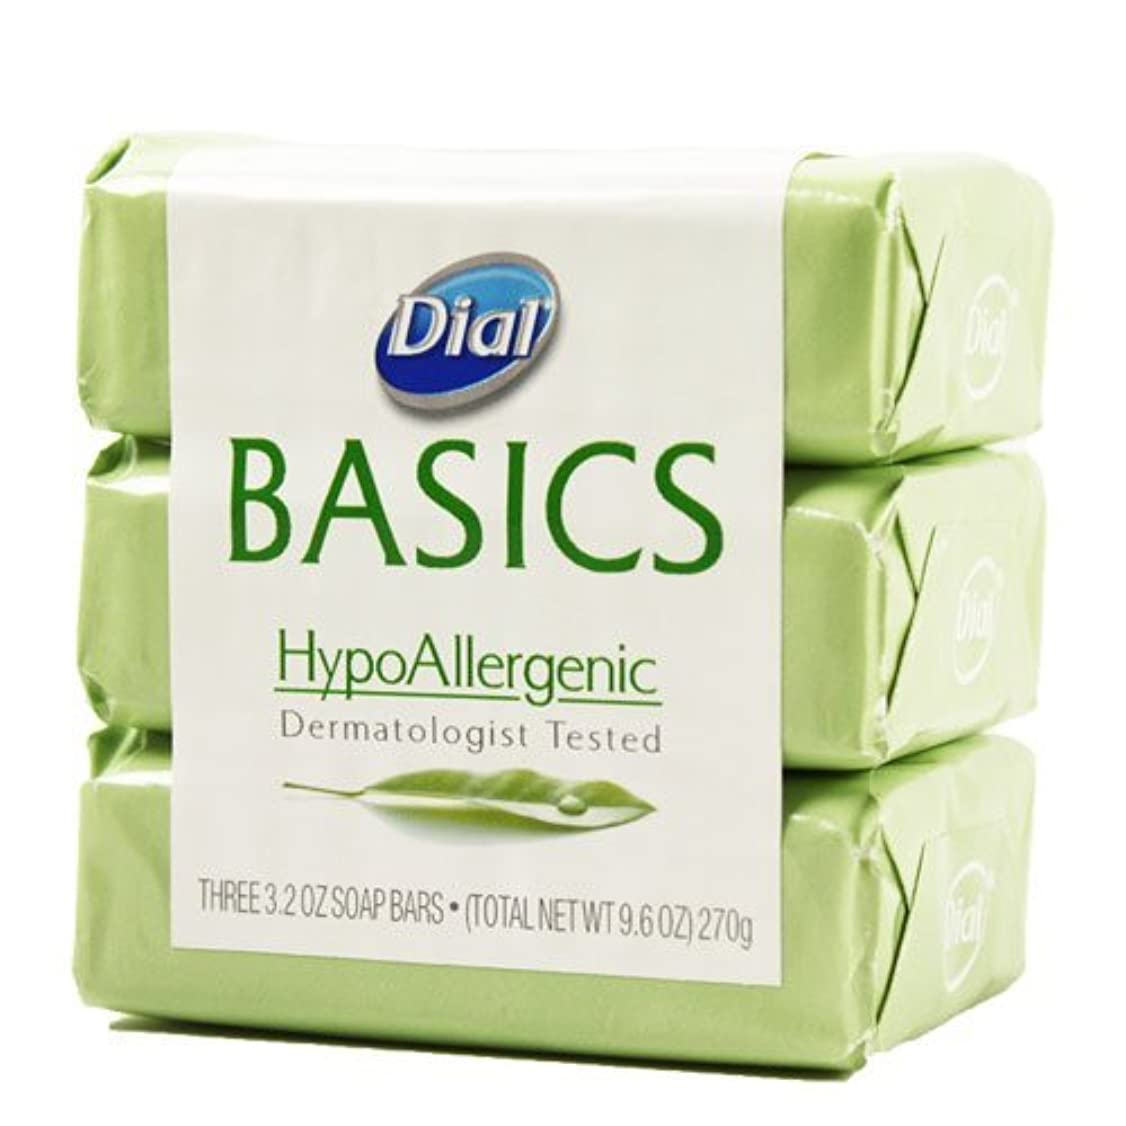 ボックス生む交響曲Dial Basics HypoAllergenic Dermatologist Tested Bar Soap, 3.2 oz (18 Bars) by Basics